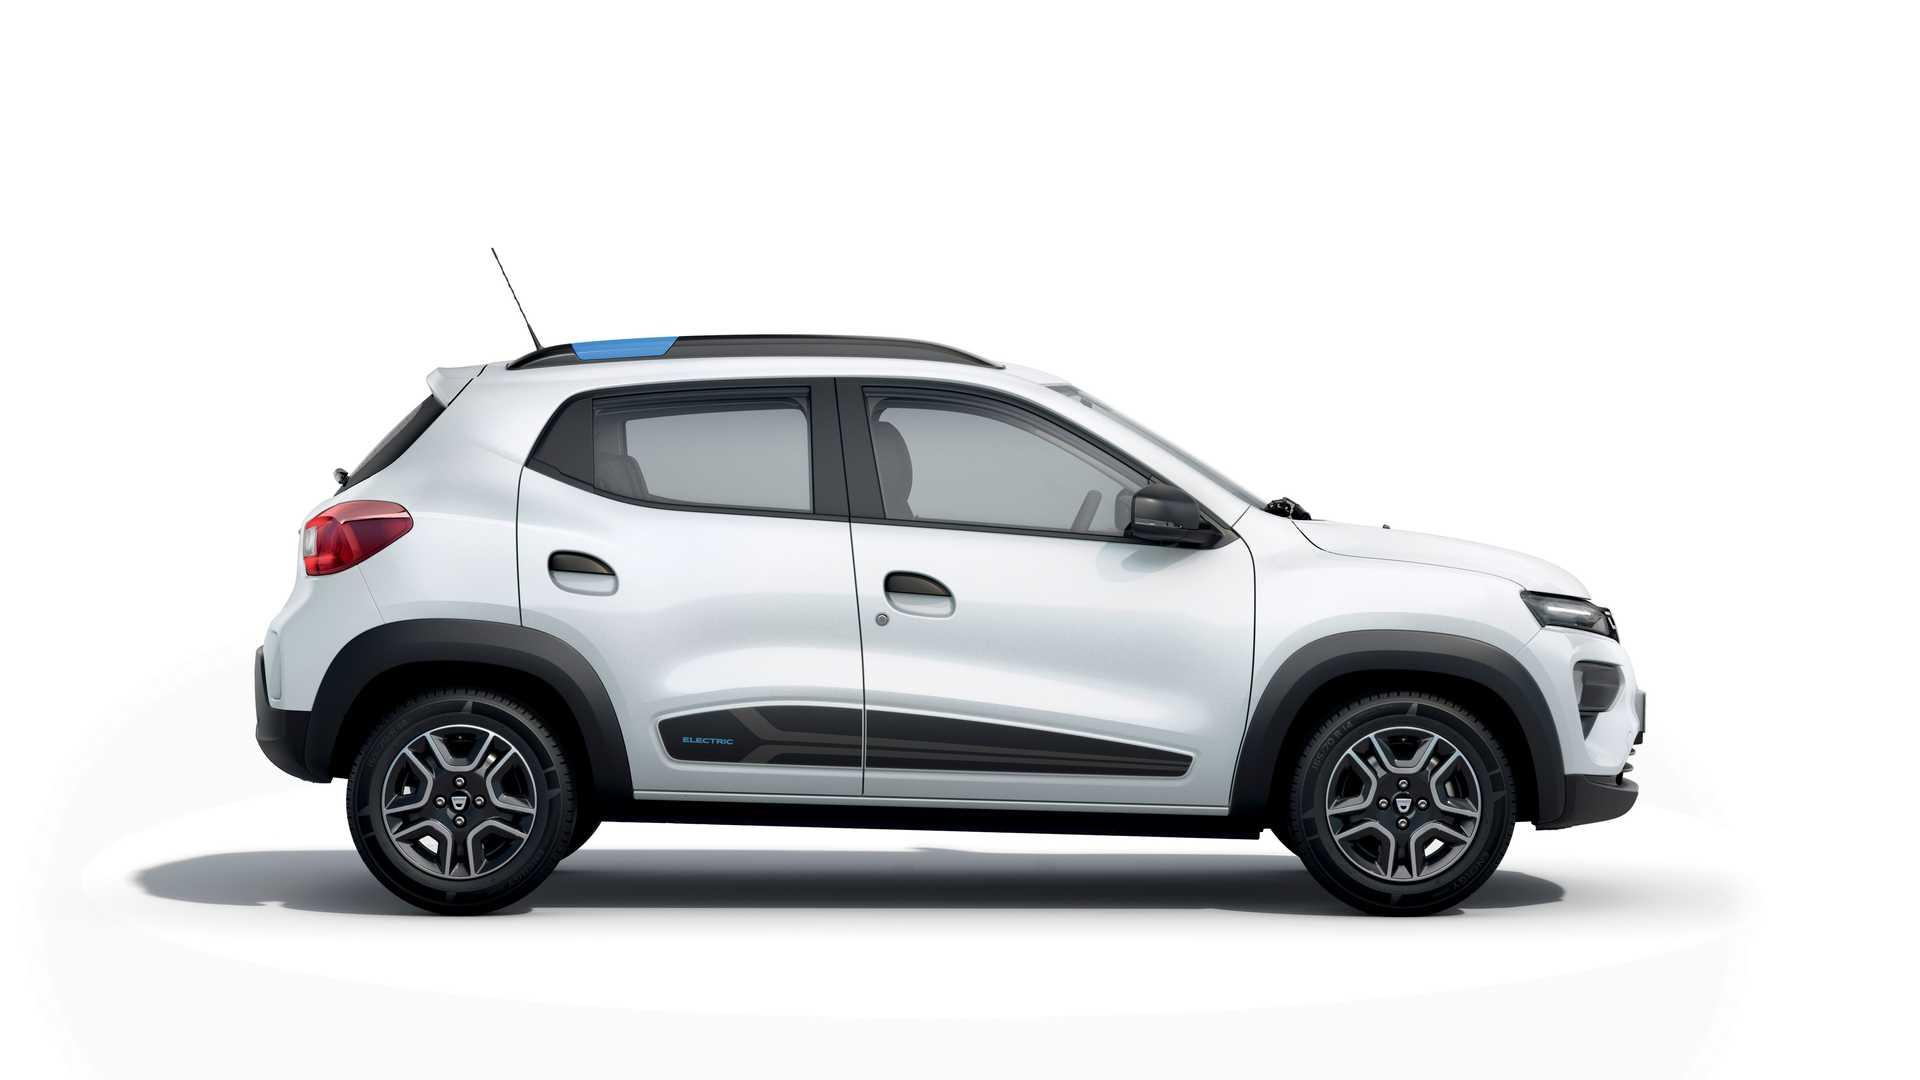 Dacia Spring - самый бюджетный электрокар для европейского рынка: дата начала продаж, цена и особенности 2